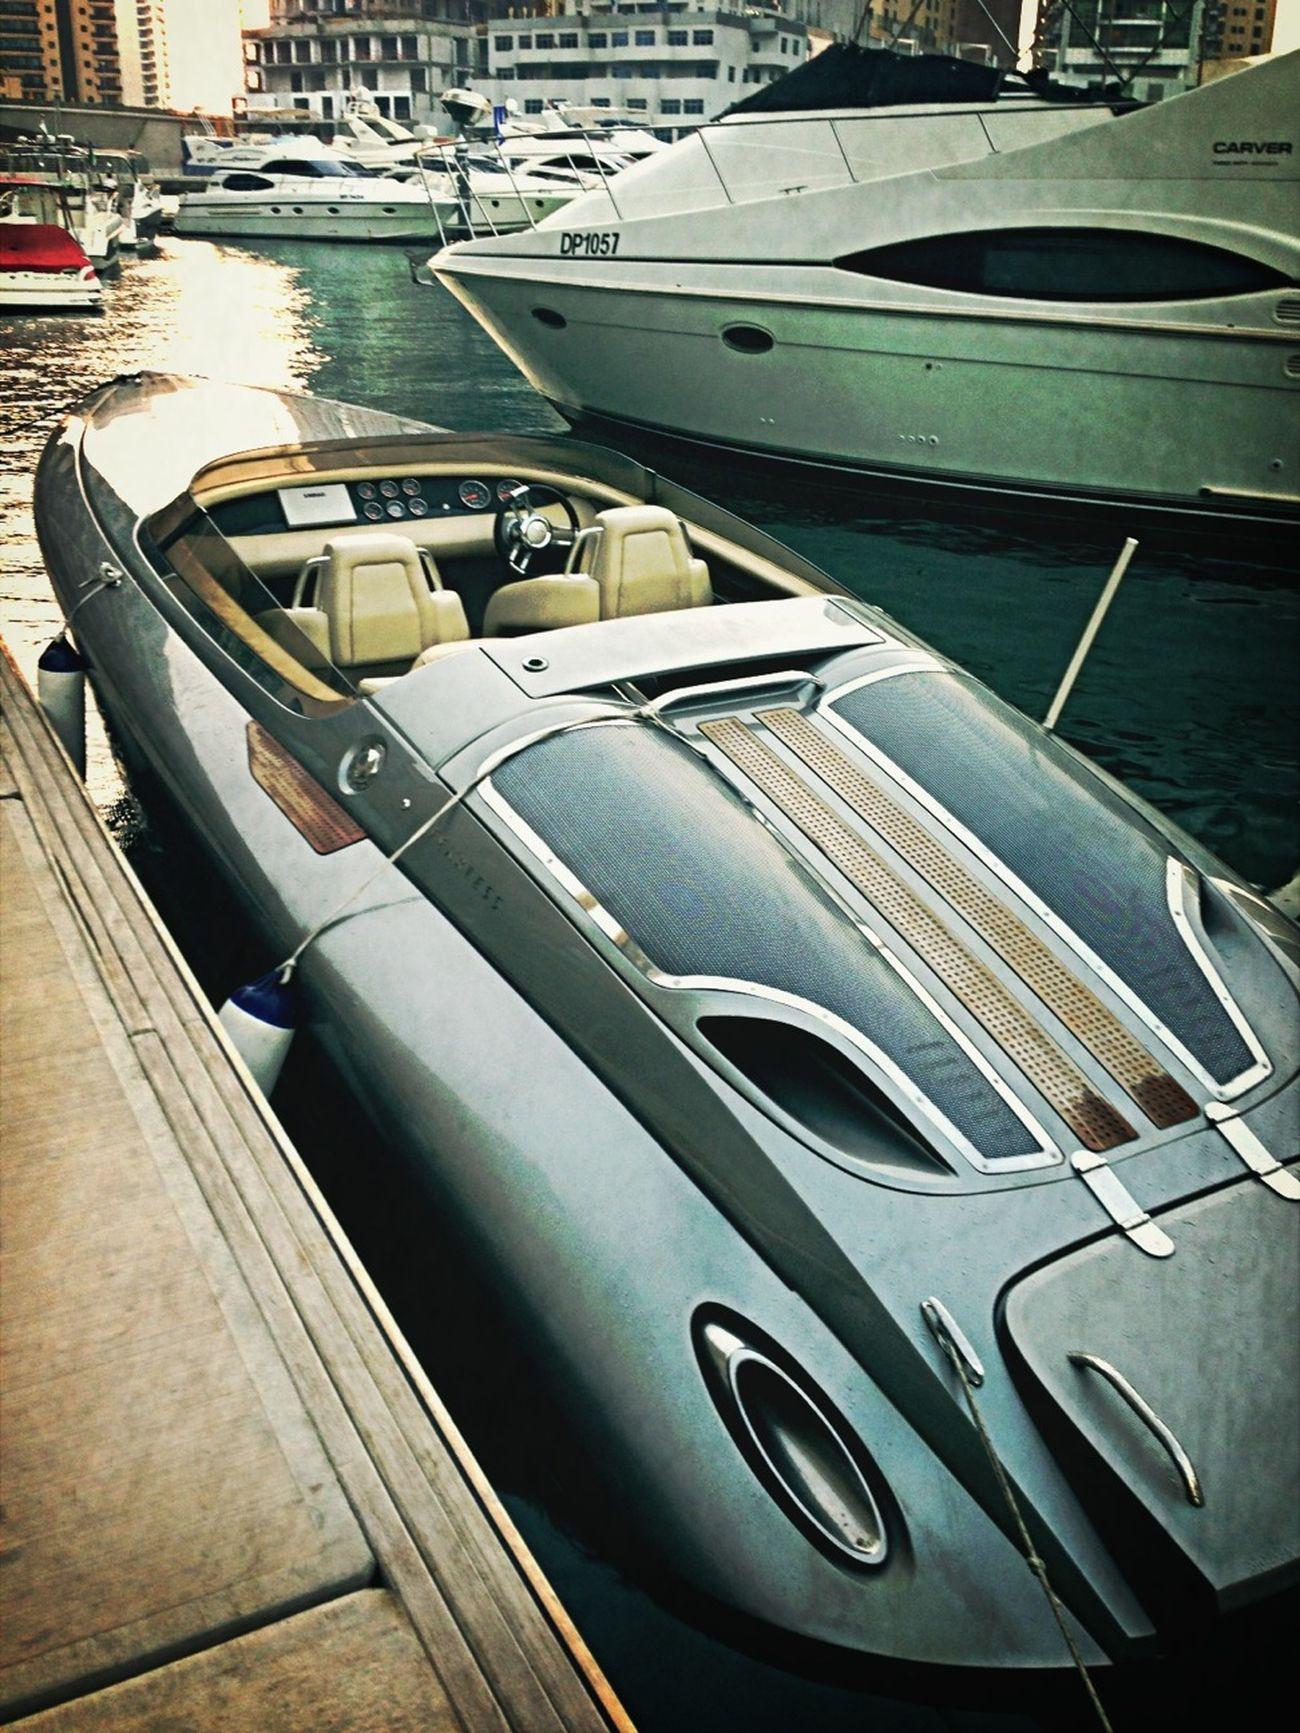 The Porsche Speedboat - Fearless